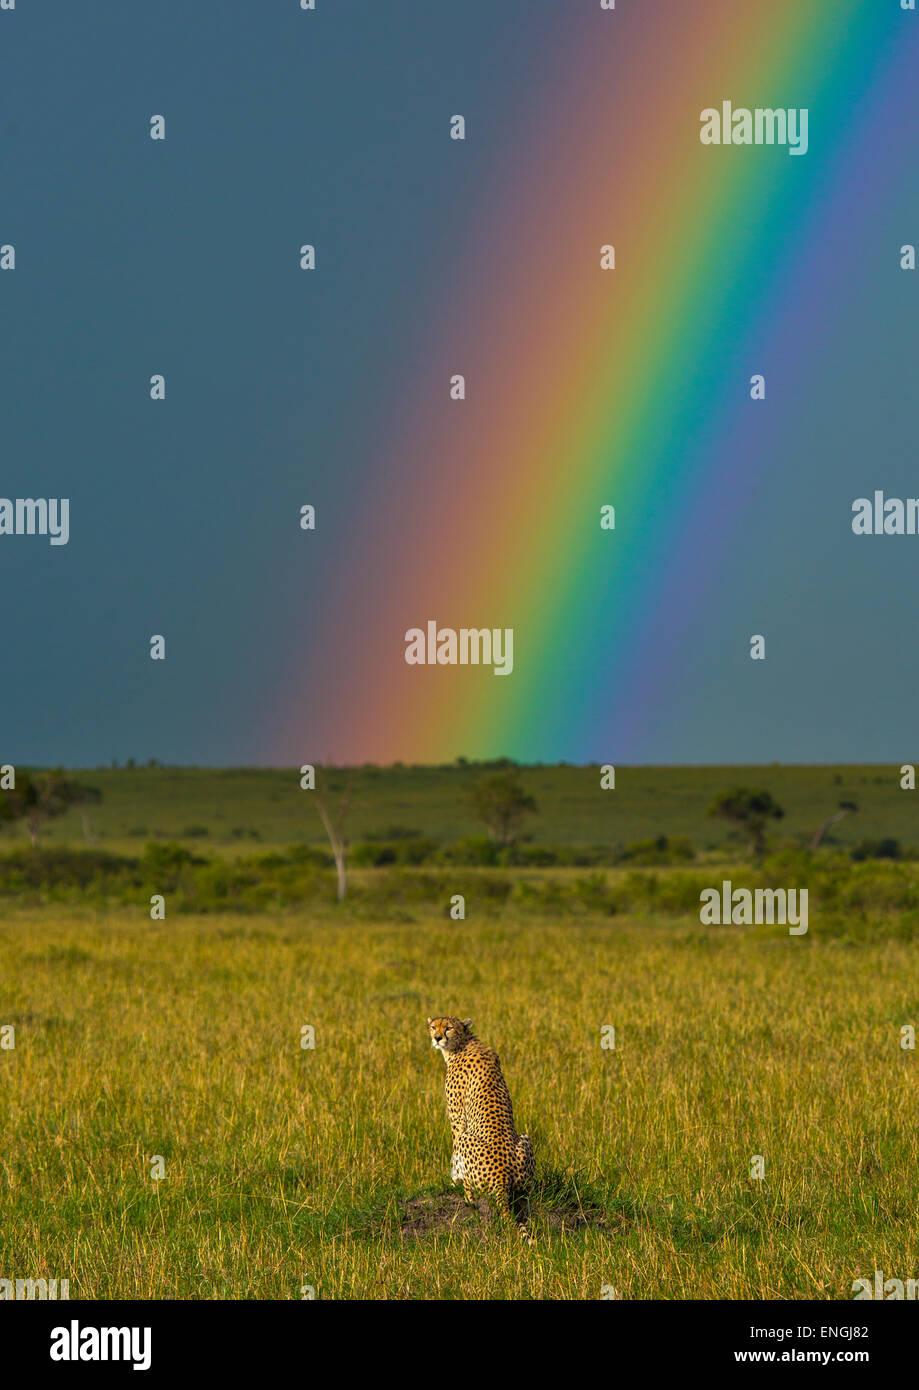 Guepardo (Acinonyx jubatus) delante de un arco iris, provincia del Valle del Rift, Maasai Mara, Kenia Imagen De Stock